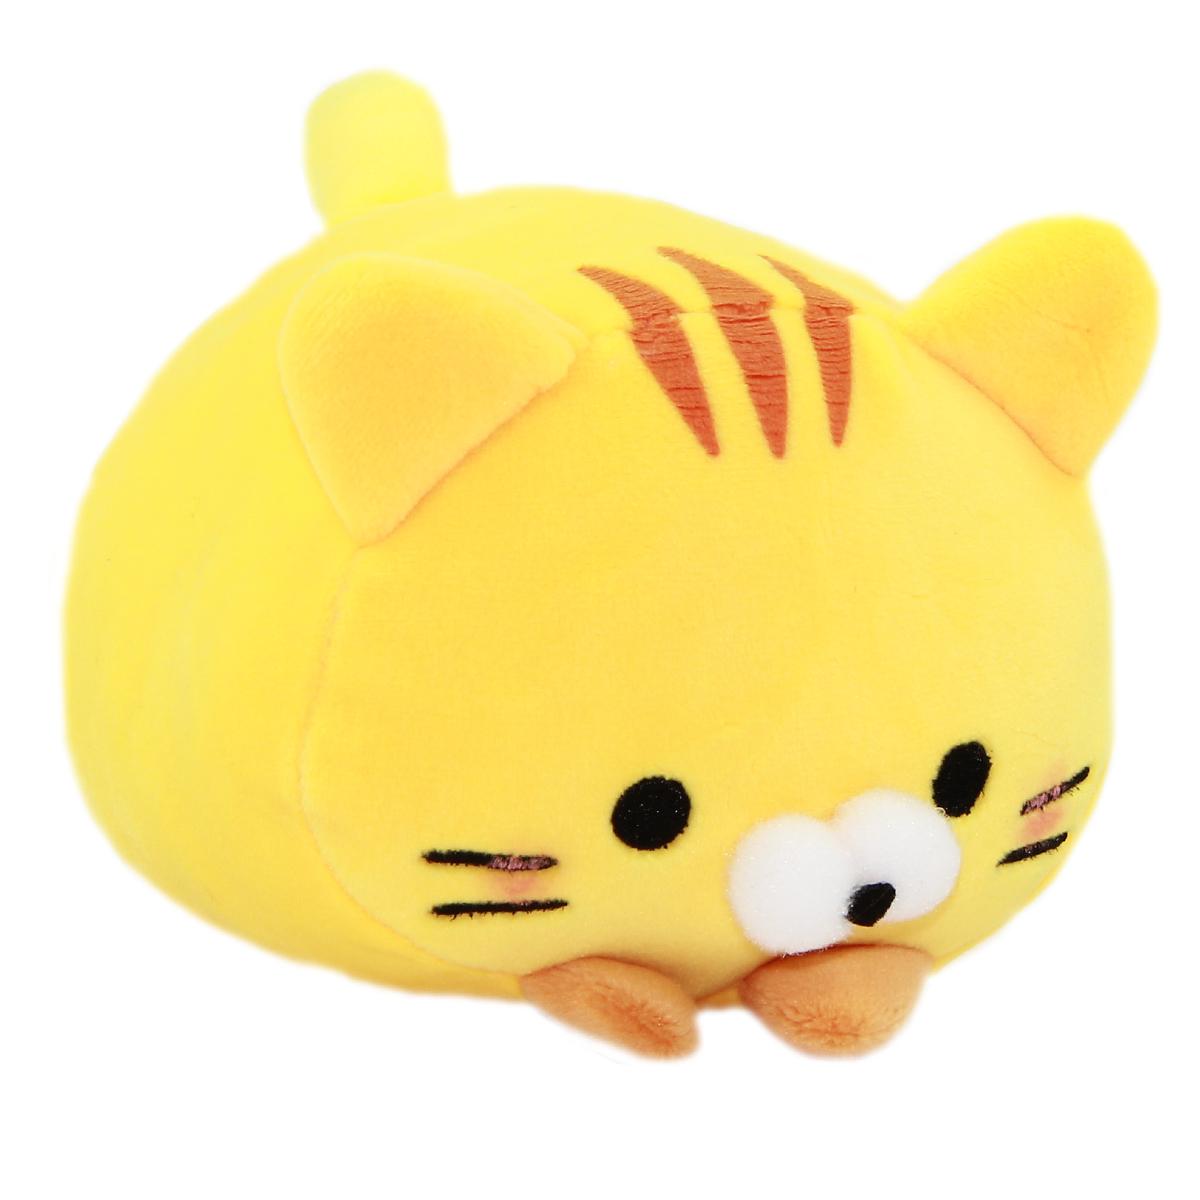 Plush Cat Squishy Toy Super Soft Stuffed Animal Neko Yellow